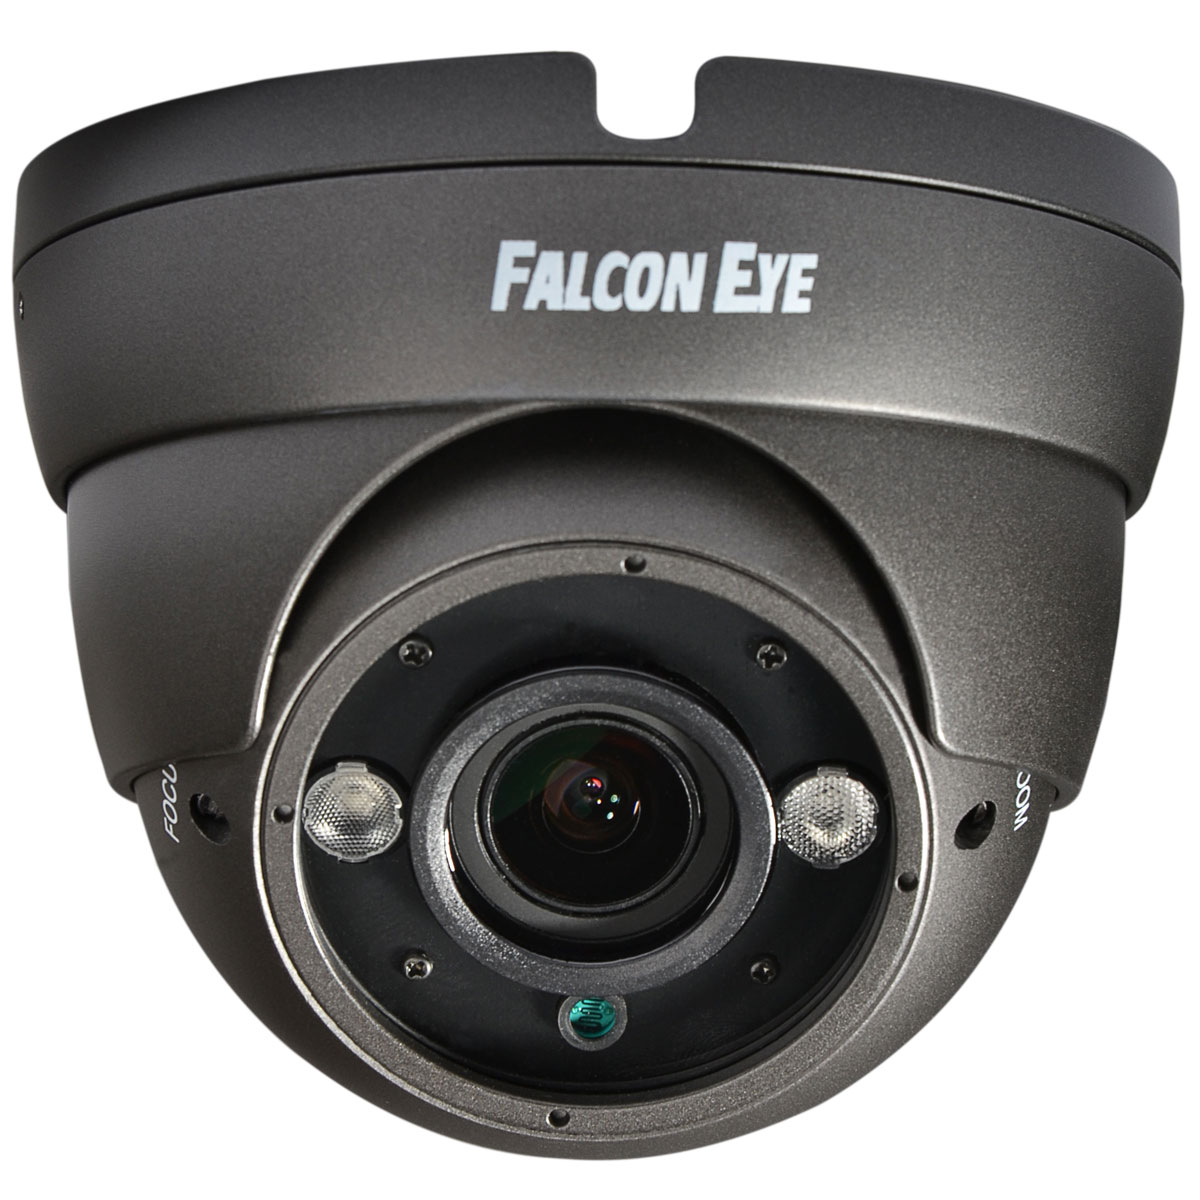 Falcon Eye FE-IDV720AHD/35M, Grey камера видеонаблюденияFE-IDV720AHD/35M СЕРАЯFalcon Eye FE-IDV720AHD/35M - всепогодная AHD-камера, прекрасно подойдет для наружного и внутреннего наблюдения. Данная модель обладает высокопрочным корпусом, благодаря чему надежно защищена от воздействия влаги и пыли, и приспособлена к работе в широком температурном диапазоне, благодаря чему подходит для эксплуатации в неотапливаемых помещениях и на улице. Одной из главных достоинств данной камеры является ее высокое качество съемки, обеспечиваемое матрицей Aptina CMOS AR0130.Камера обладает компактными размерами и эргономичной конструкцией, которая позволяет максимально быстро установить ее в необходимом месте. Кроме того, благодаря внедрению в данной модели ряда передовых разработок камера обладает чрезвычайно низким энергопотреблением. Стоит также отметить, что дальность передачи сигнала данной камеры может достигать 500 м. Если вы решили организовать надежную систему видеонаблюдения, тогда данная модель - это именно то, что вам нужно.Процессор: NVP2431Сигнал/шум: 50 дБКрепление: М14Потребление: 100/340 мАКак выбрать камеру видеонаблюдения для дома. Статья OZON Гид